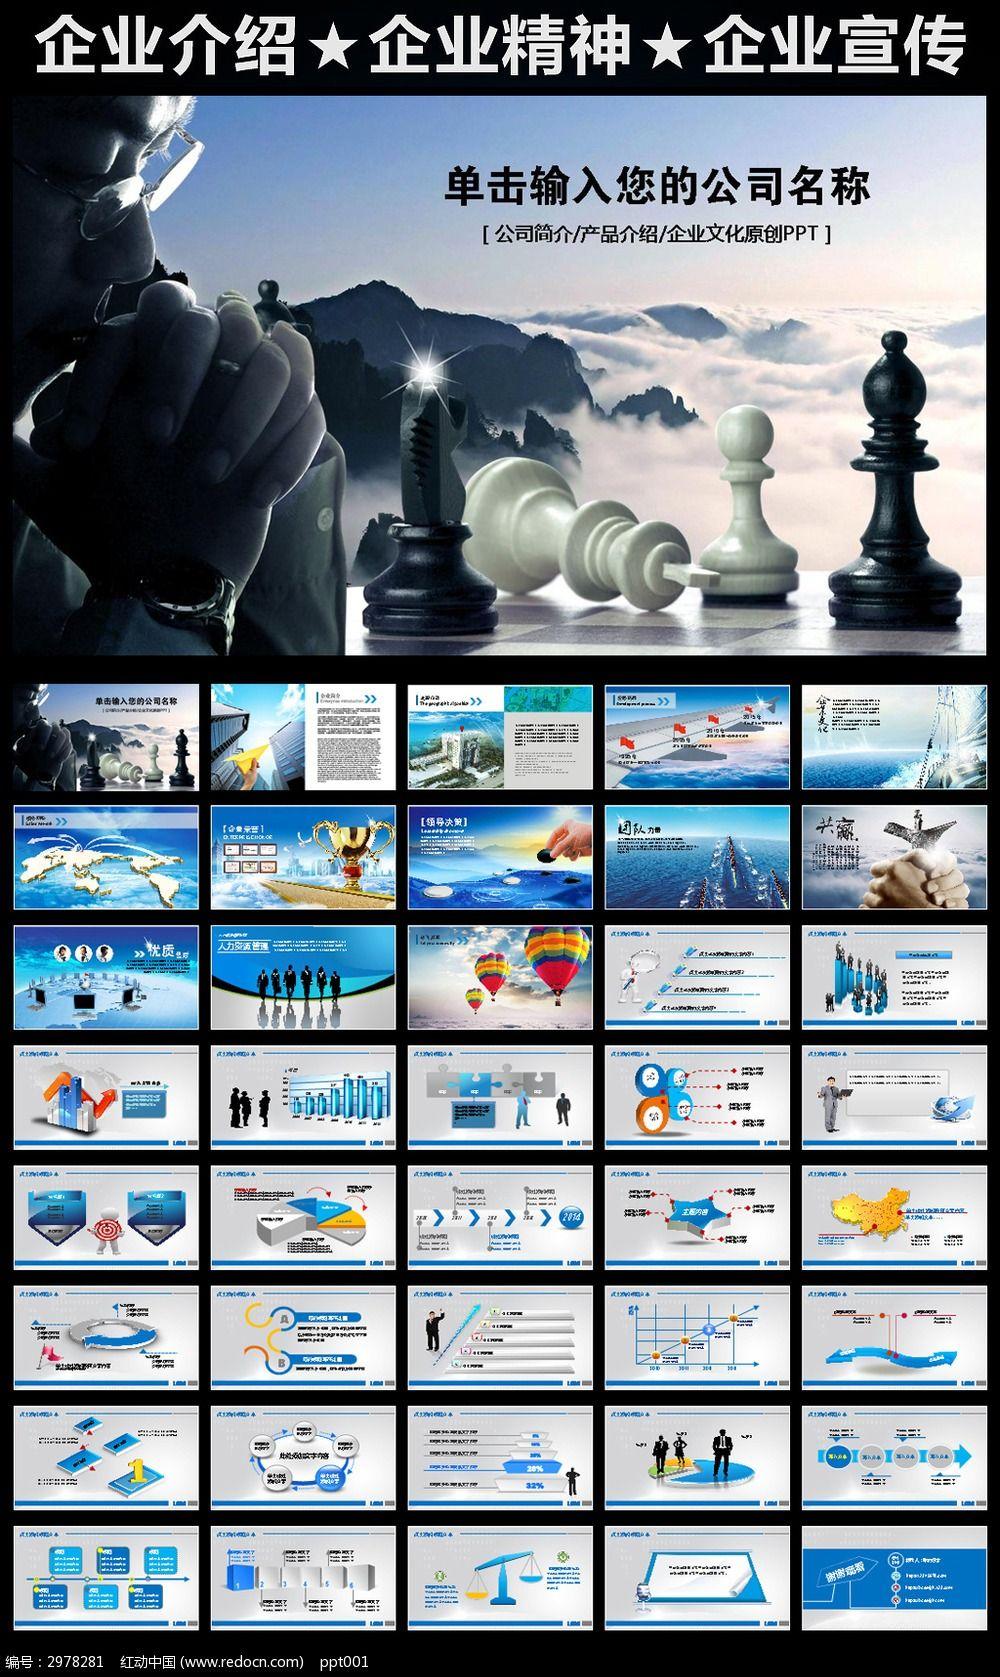 原创设计稿 ppt模板/ppt背景图片 团队职场ppt 国际象棋执行力企业图片